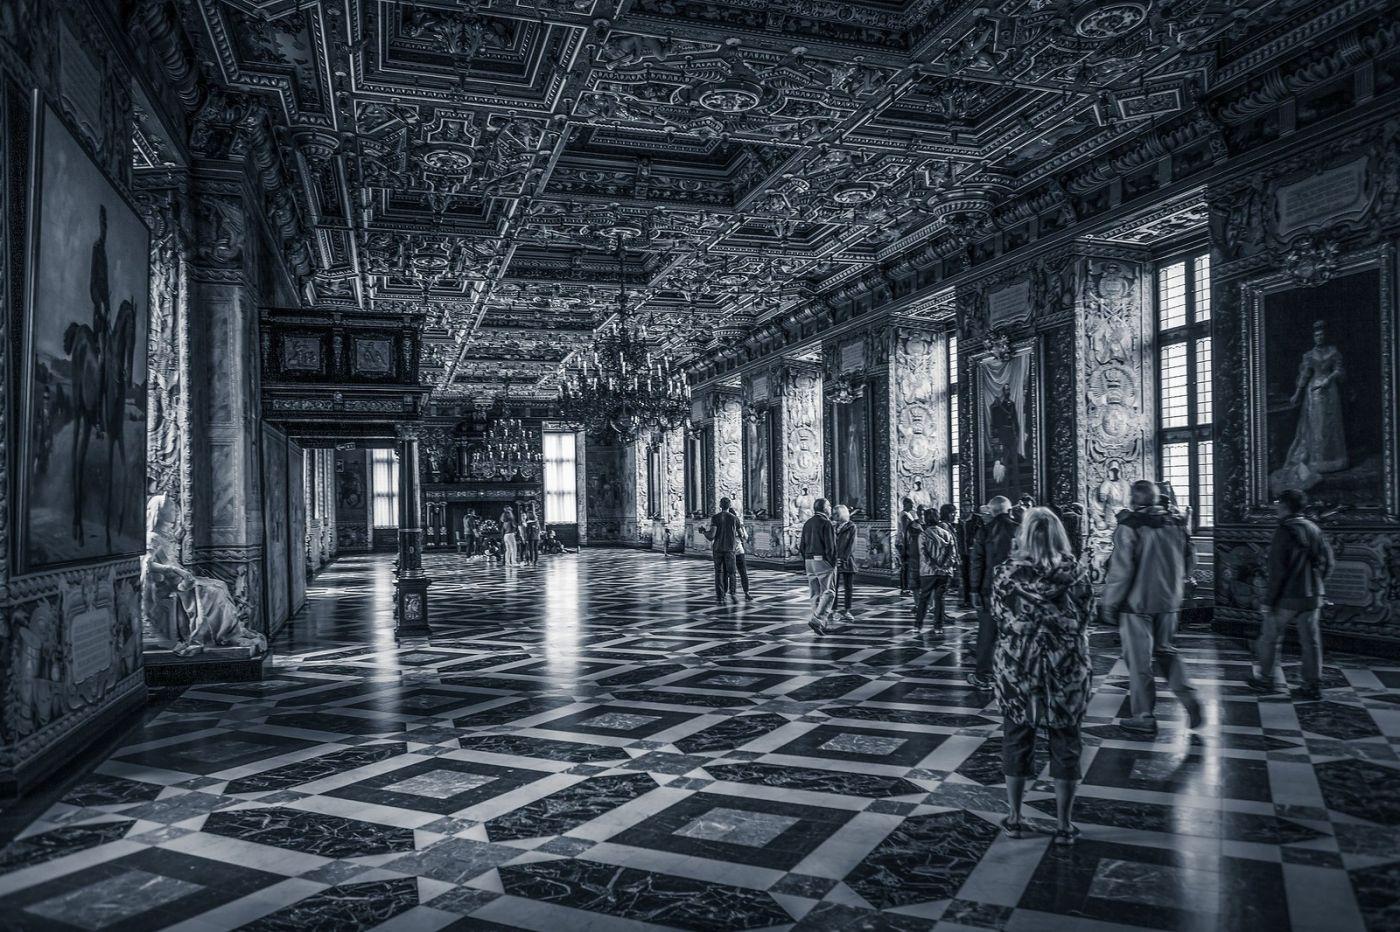 丹麦腓特烈堡城堡,回看历史_图1-18